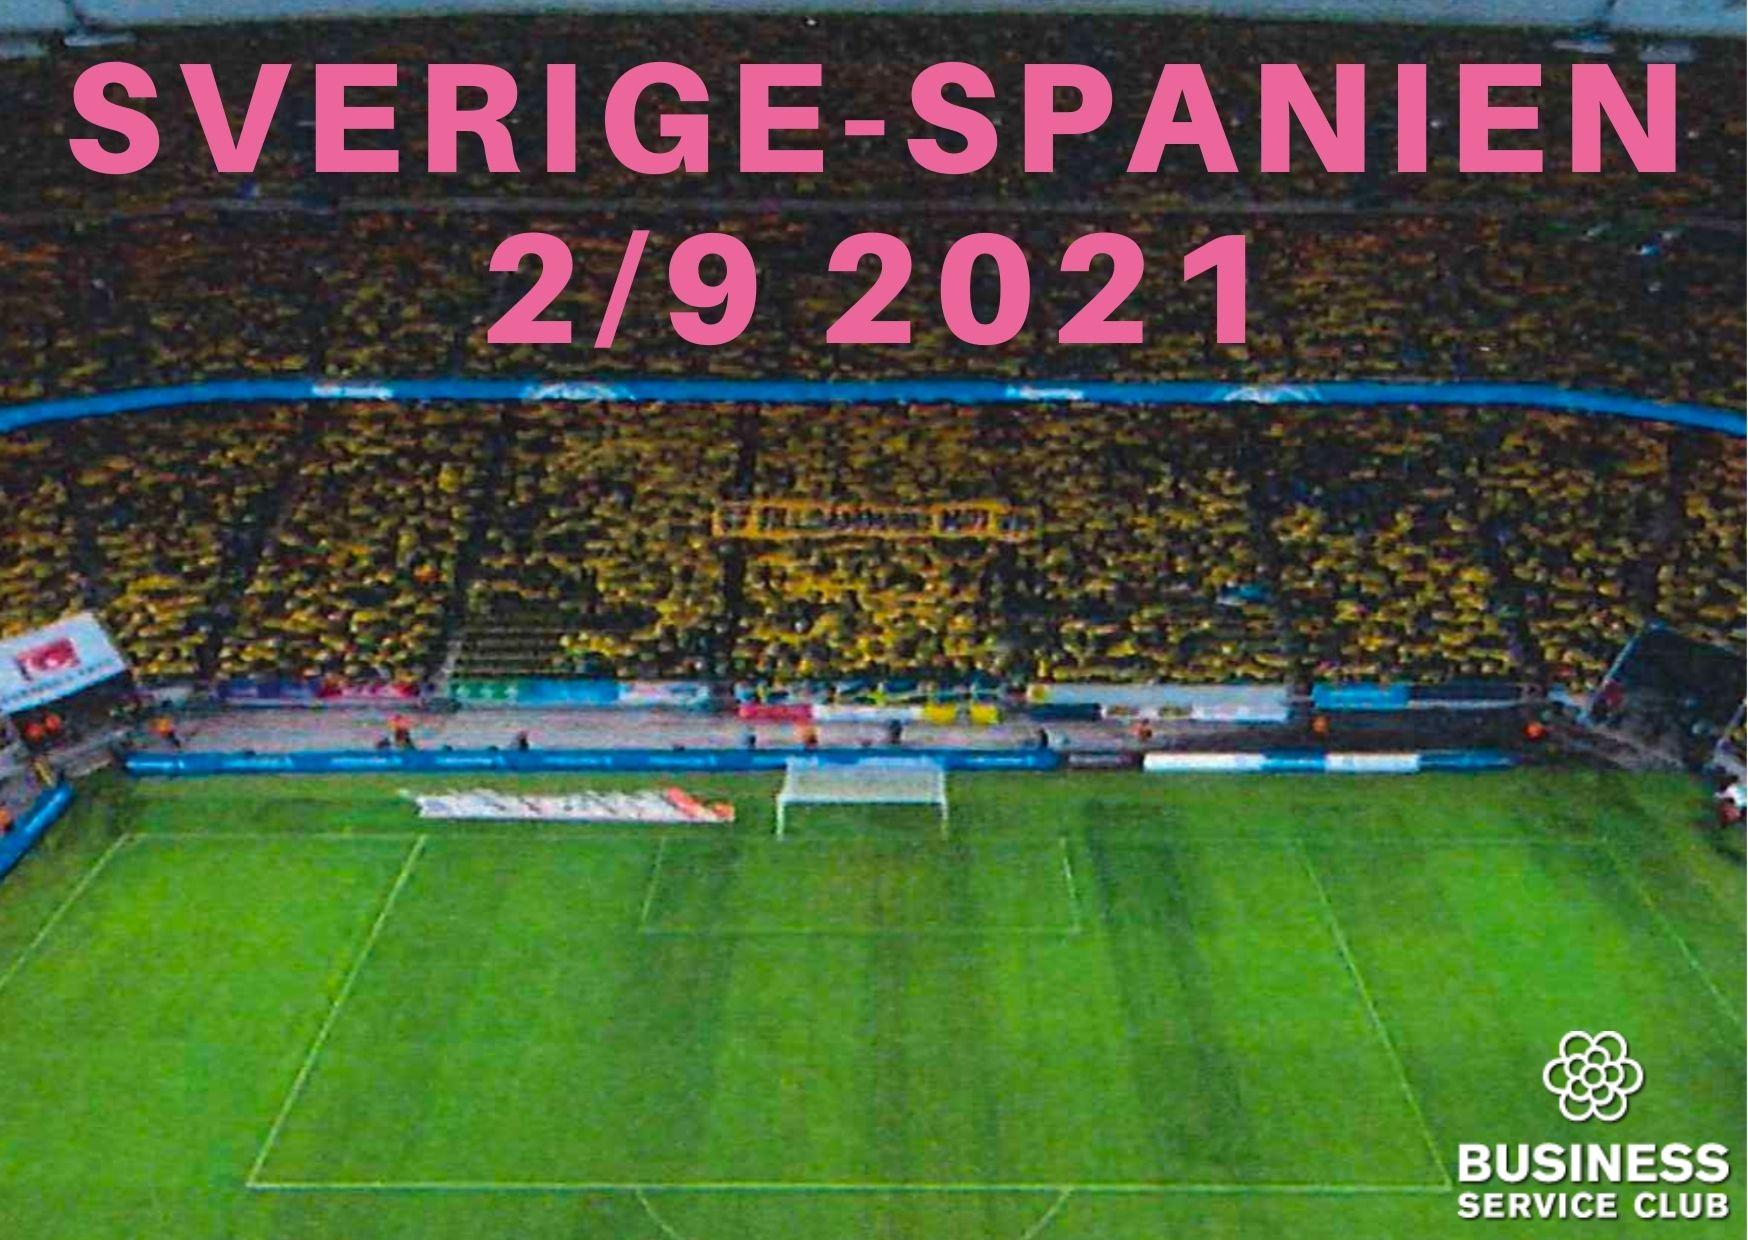 Kvalmatch Sverige-Spanien 2/9 2021. En av de bästa höstaktiviteterna!